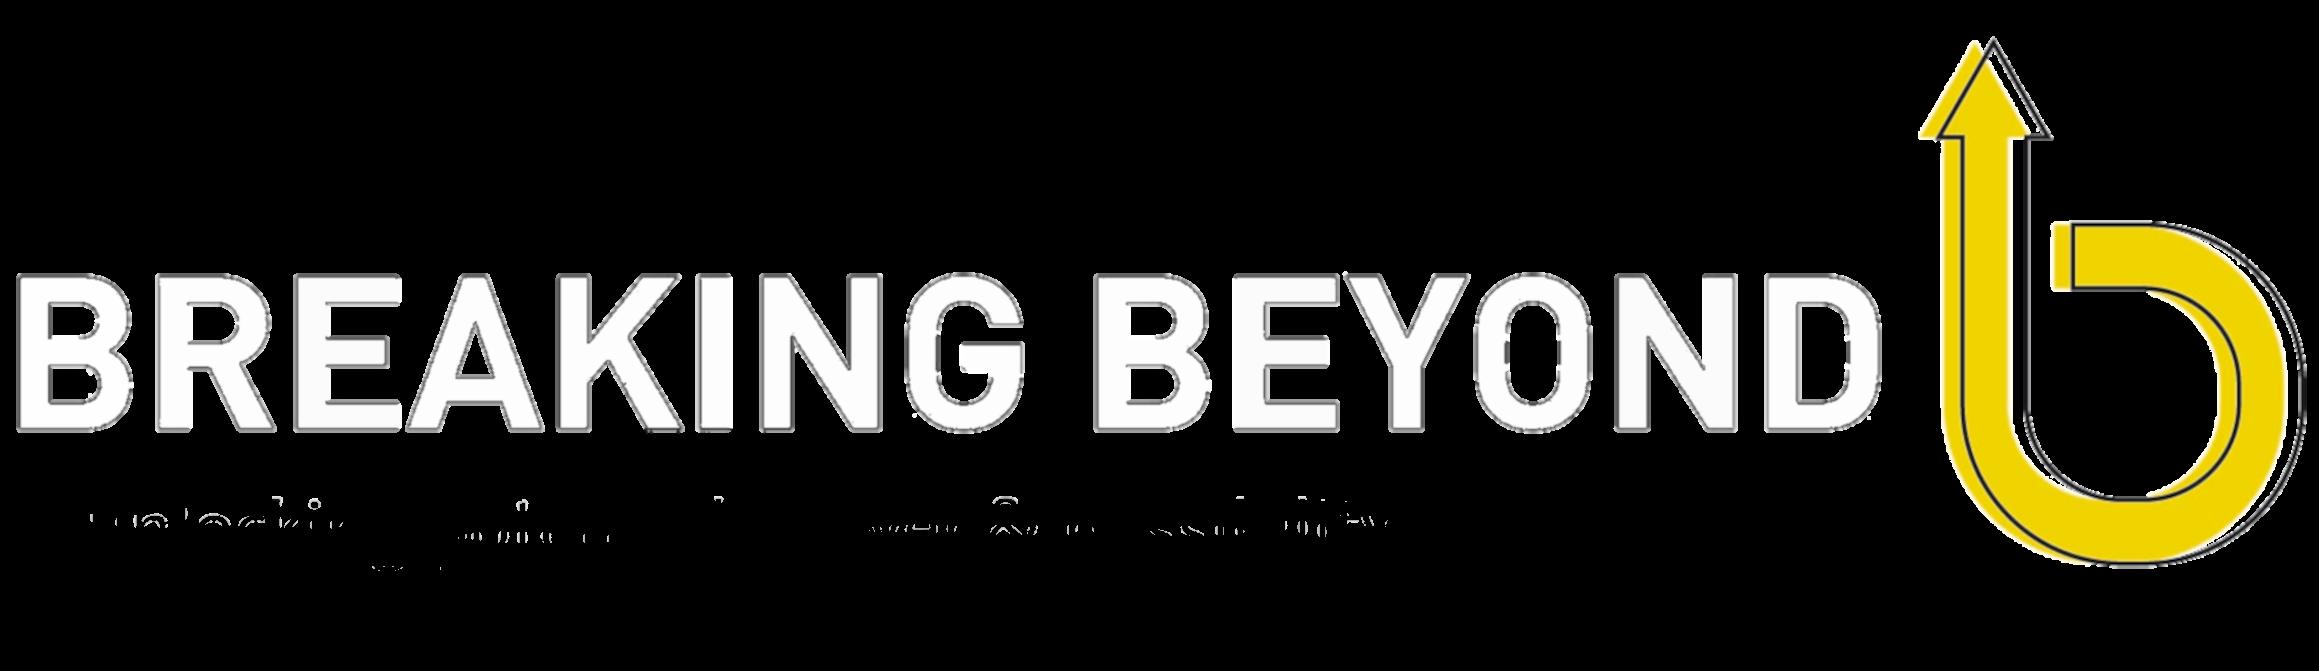 Breaking Beyond